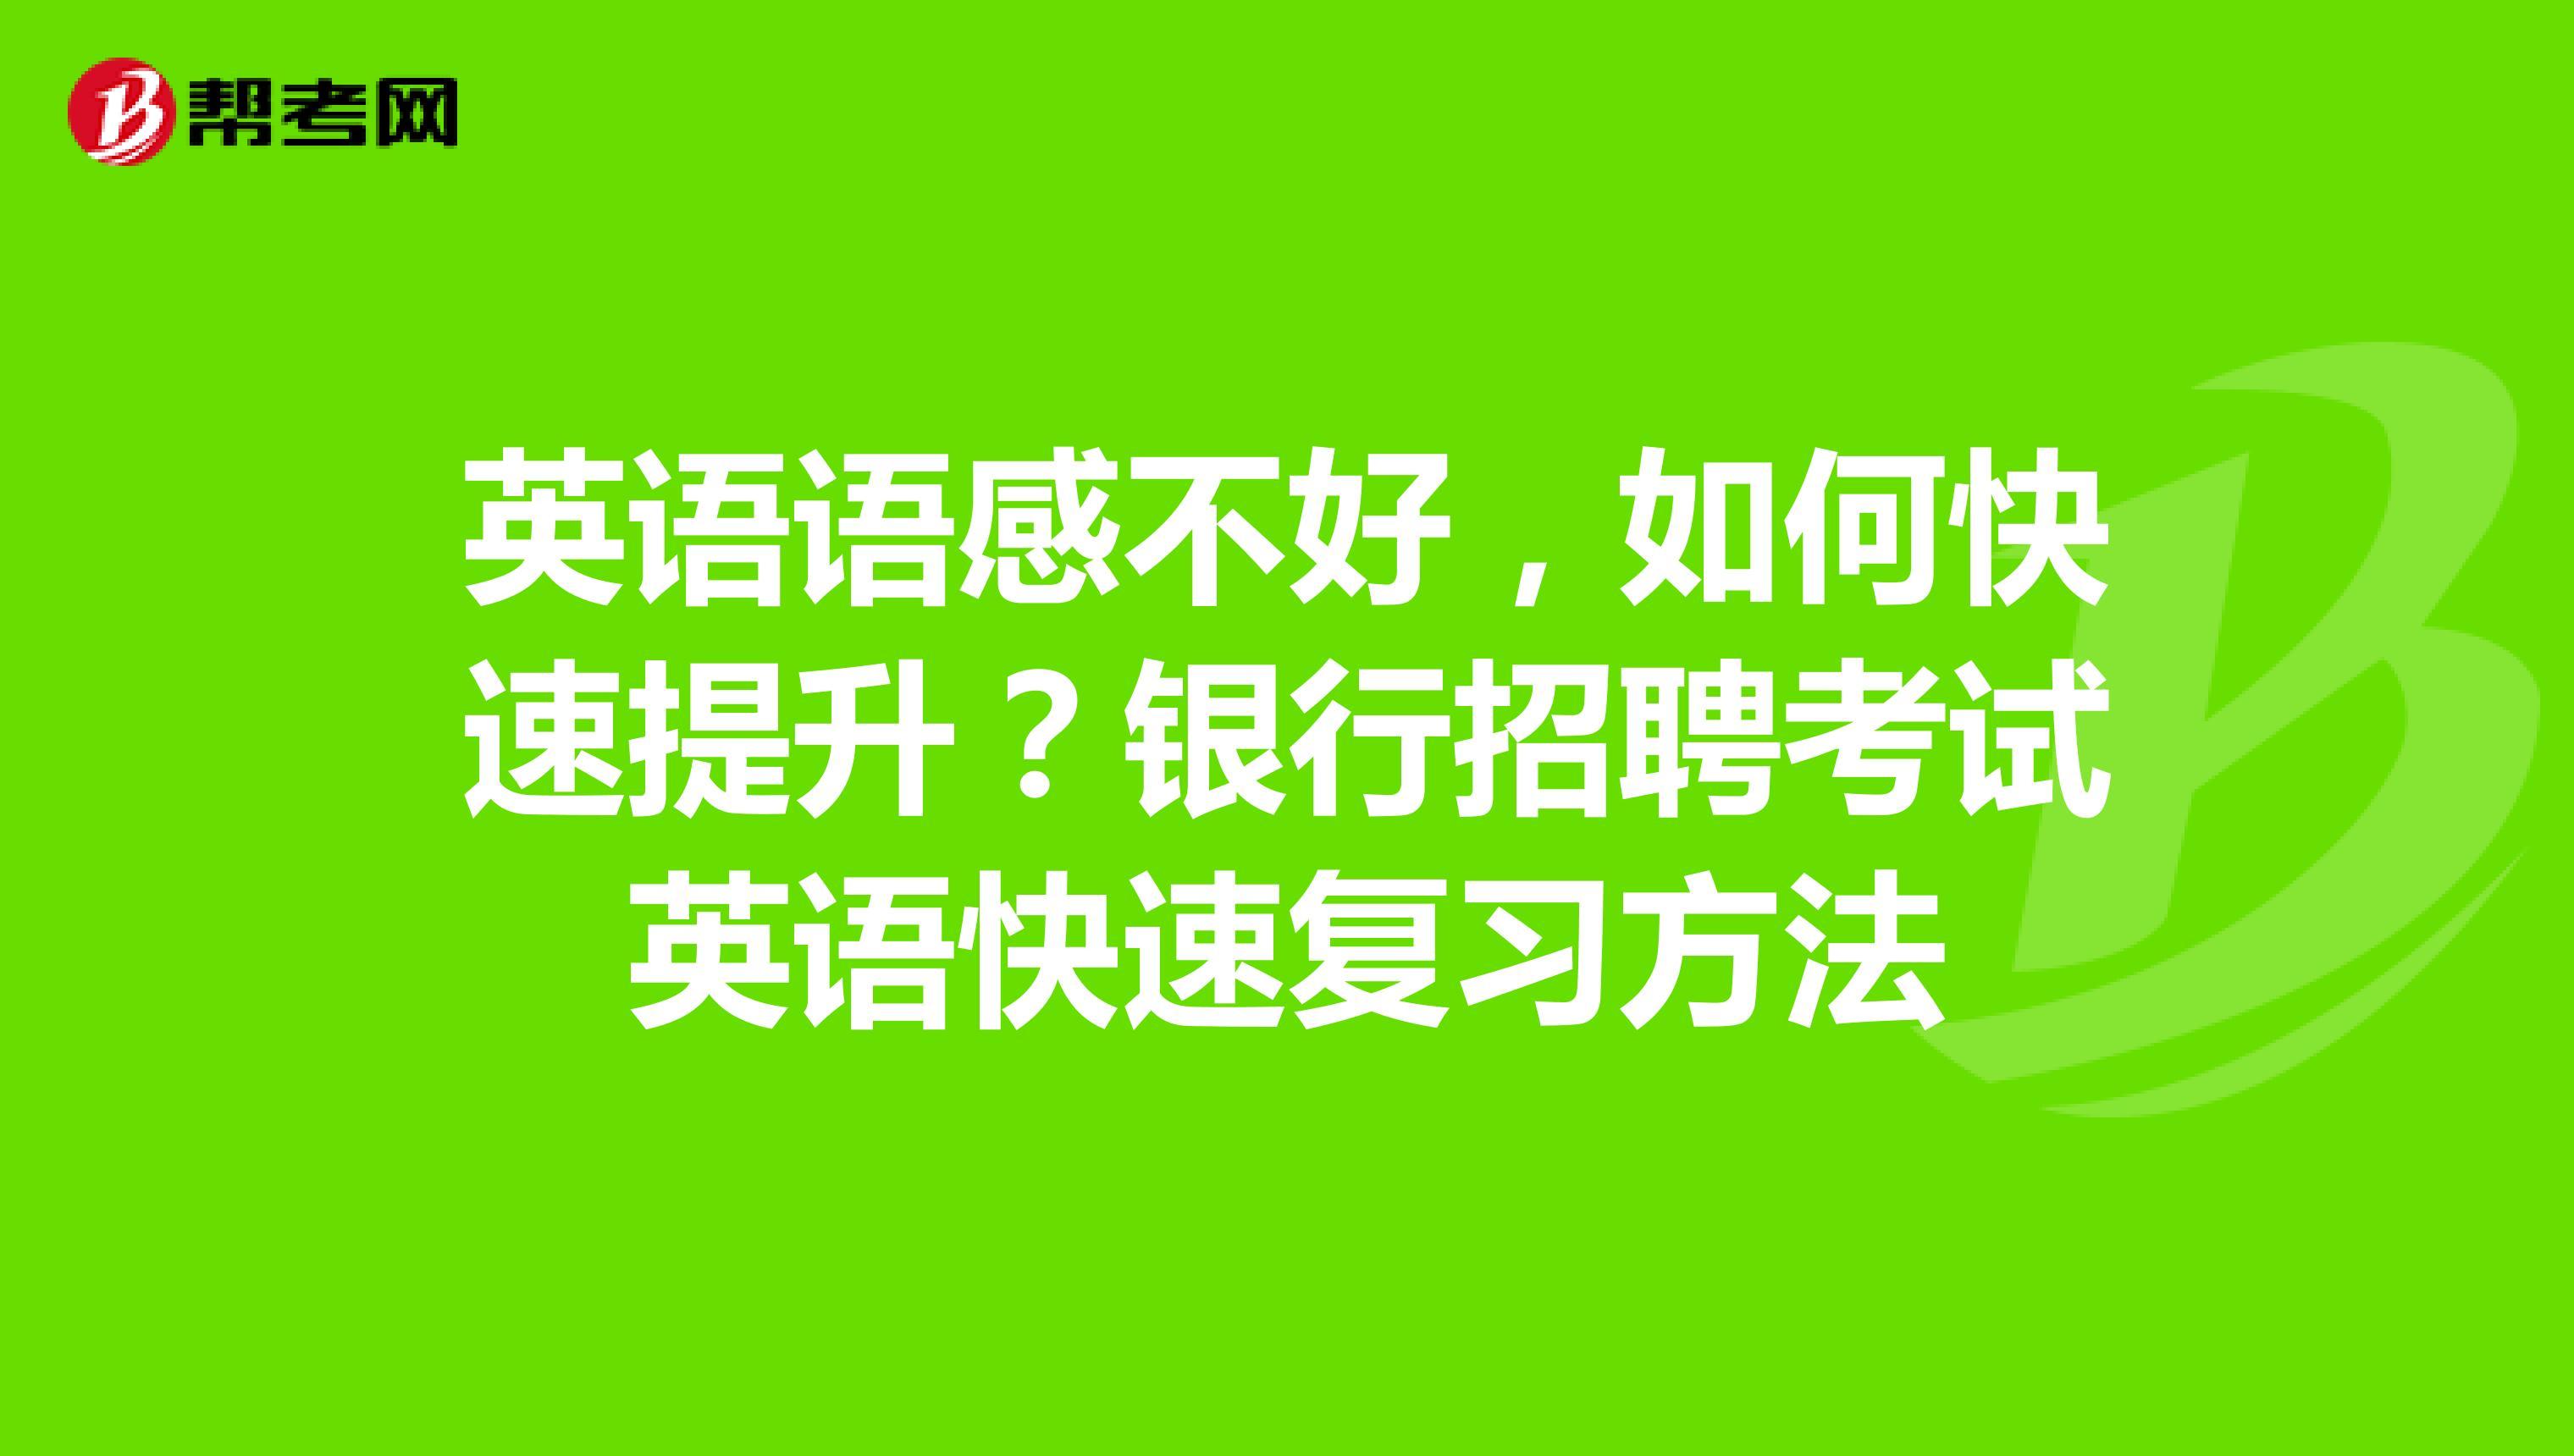 英语语感不好,如何快速提升?银行招聘考试英语快速复习方法